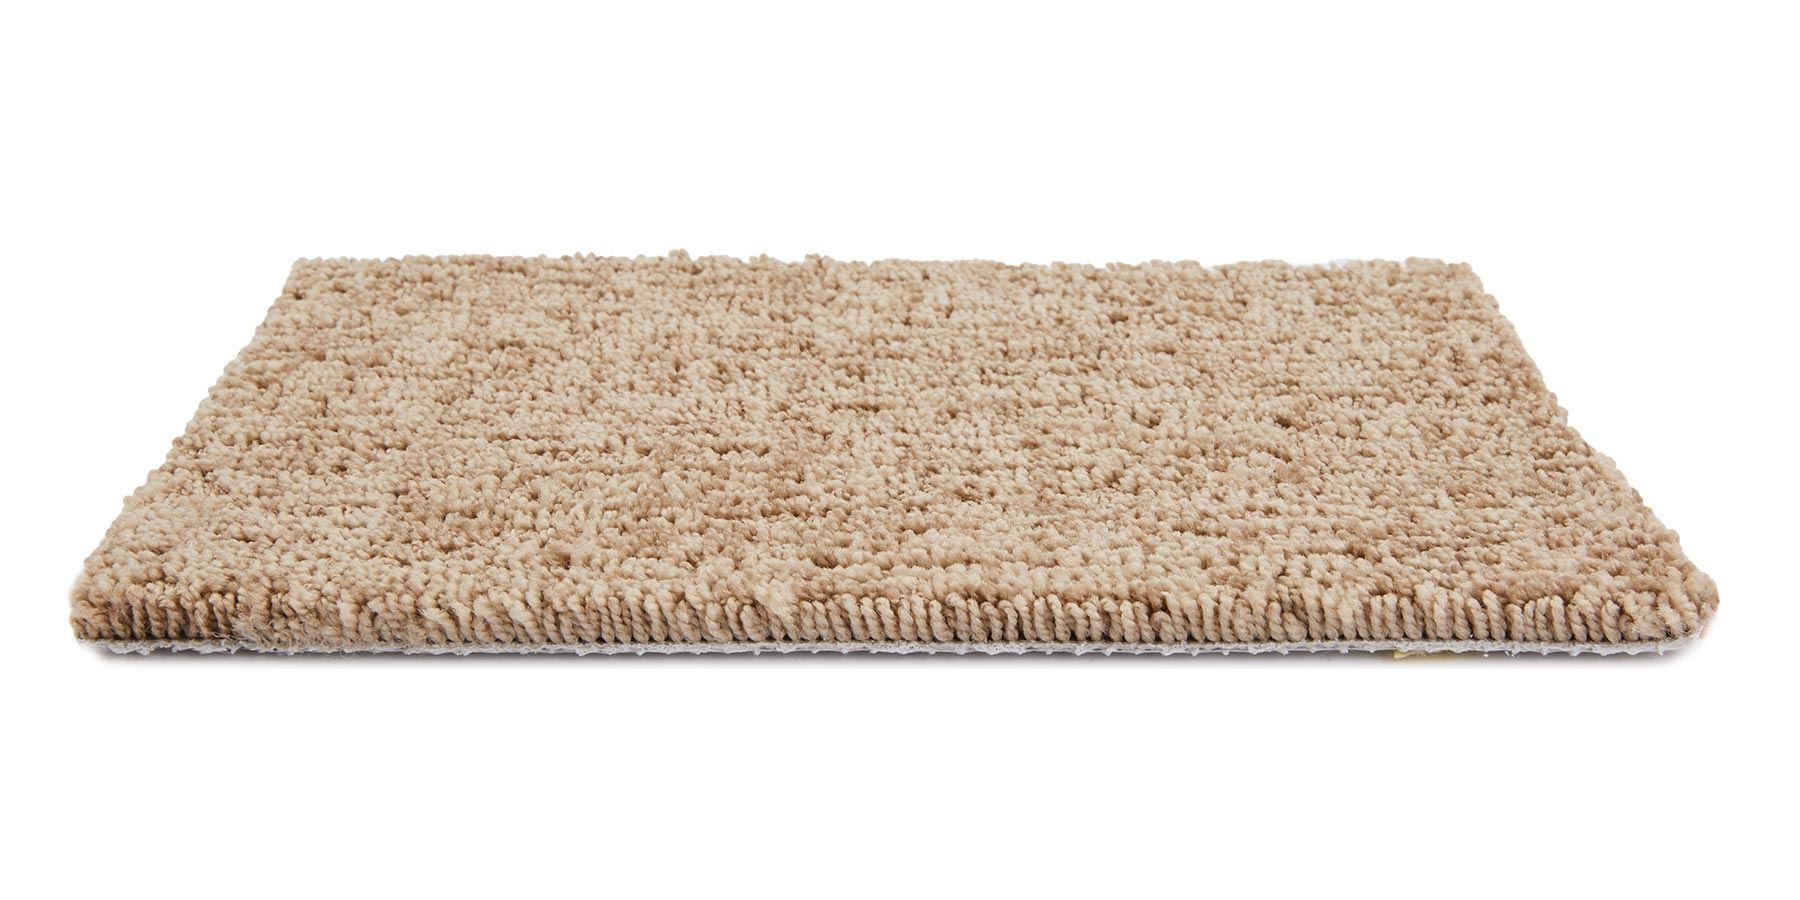 Fulton Market Truffles Carpet